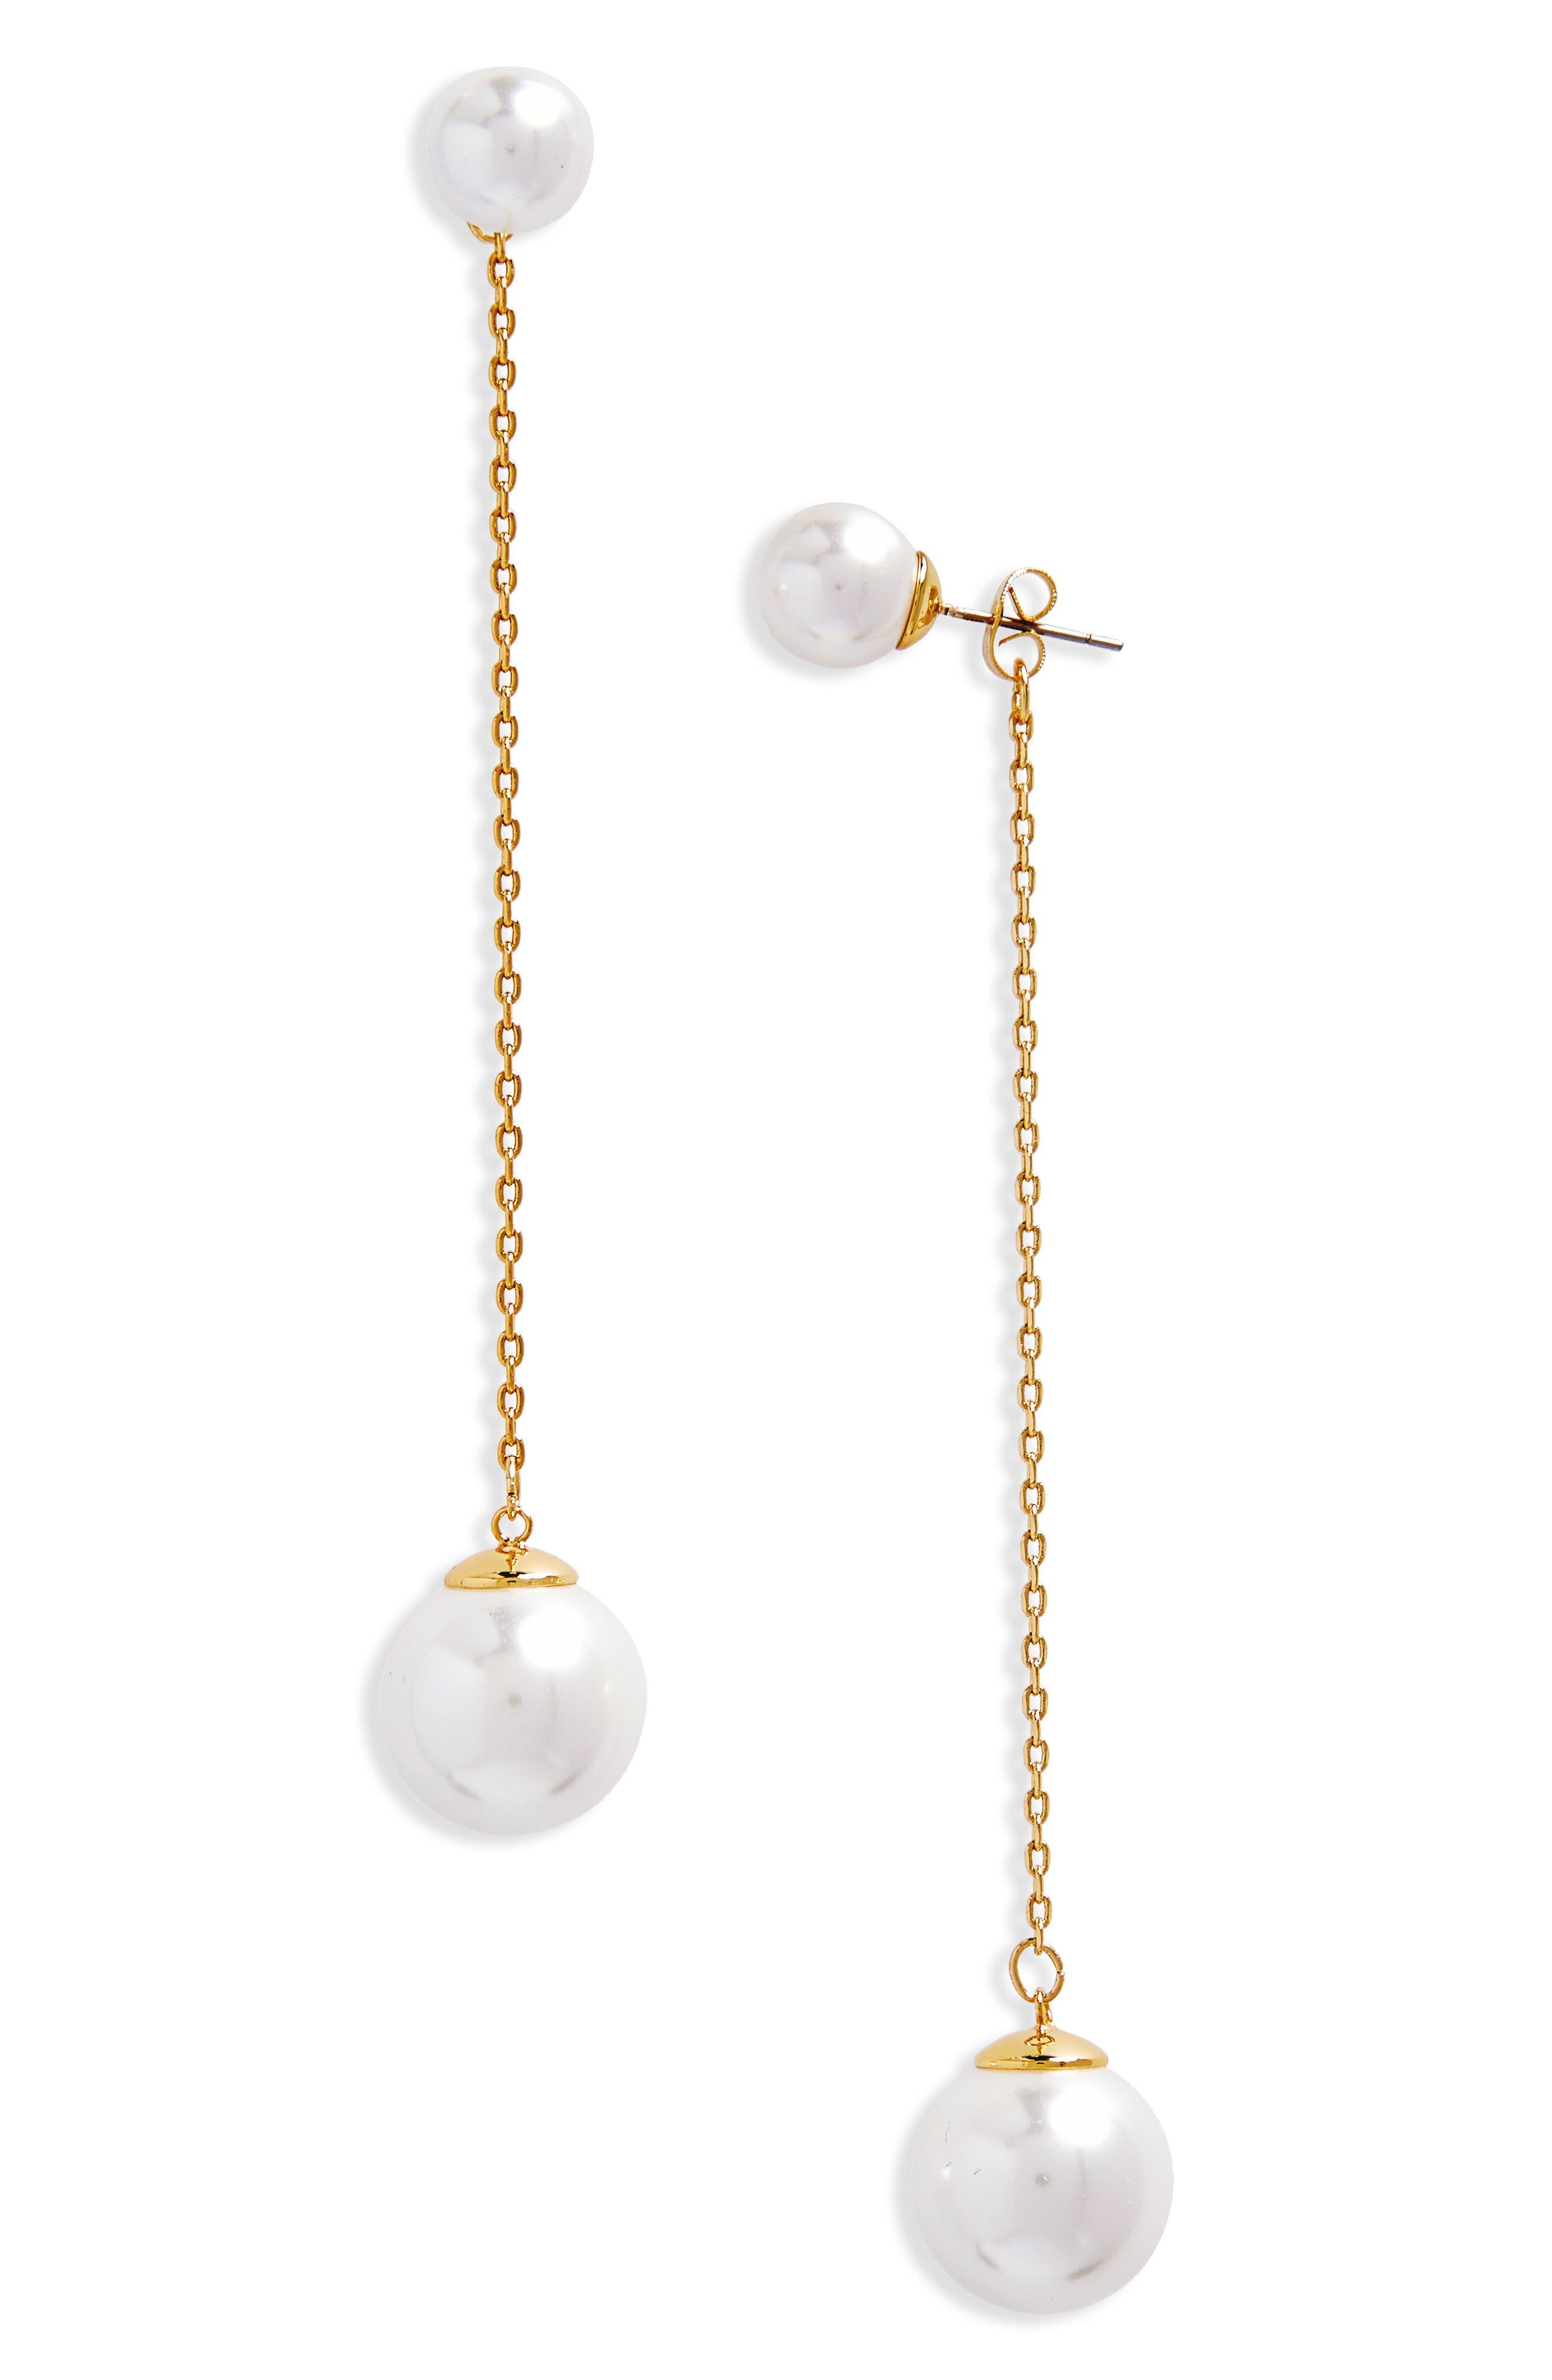 Rebecca Minkoff Double Sphere Front/Back Earrings